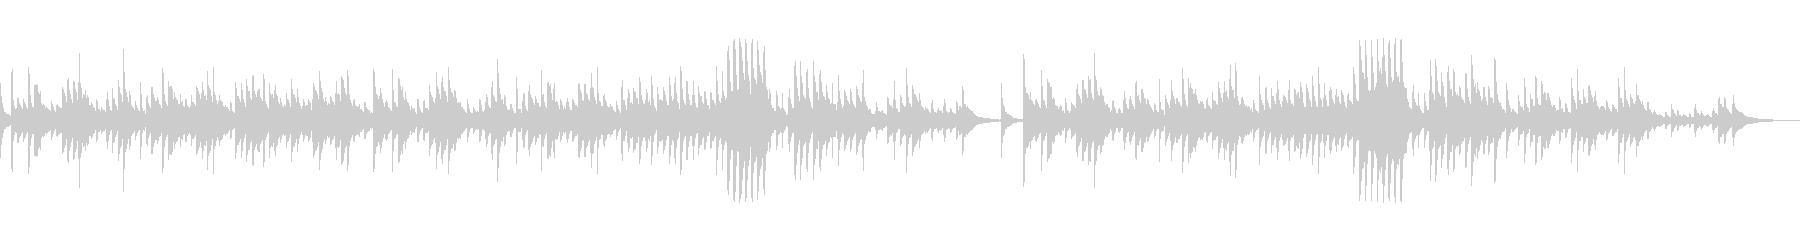 ショパン「別れの曲」和風アレンジ 箏のみの未再生の波形